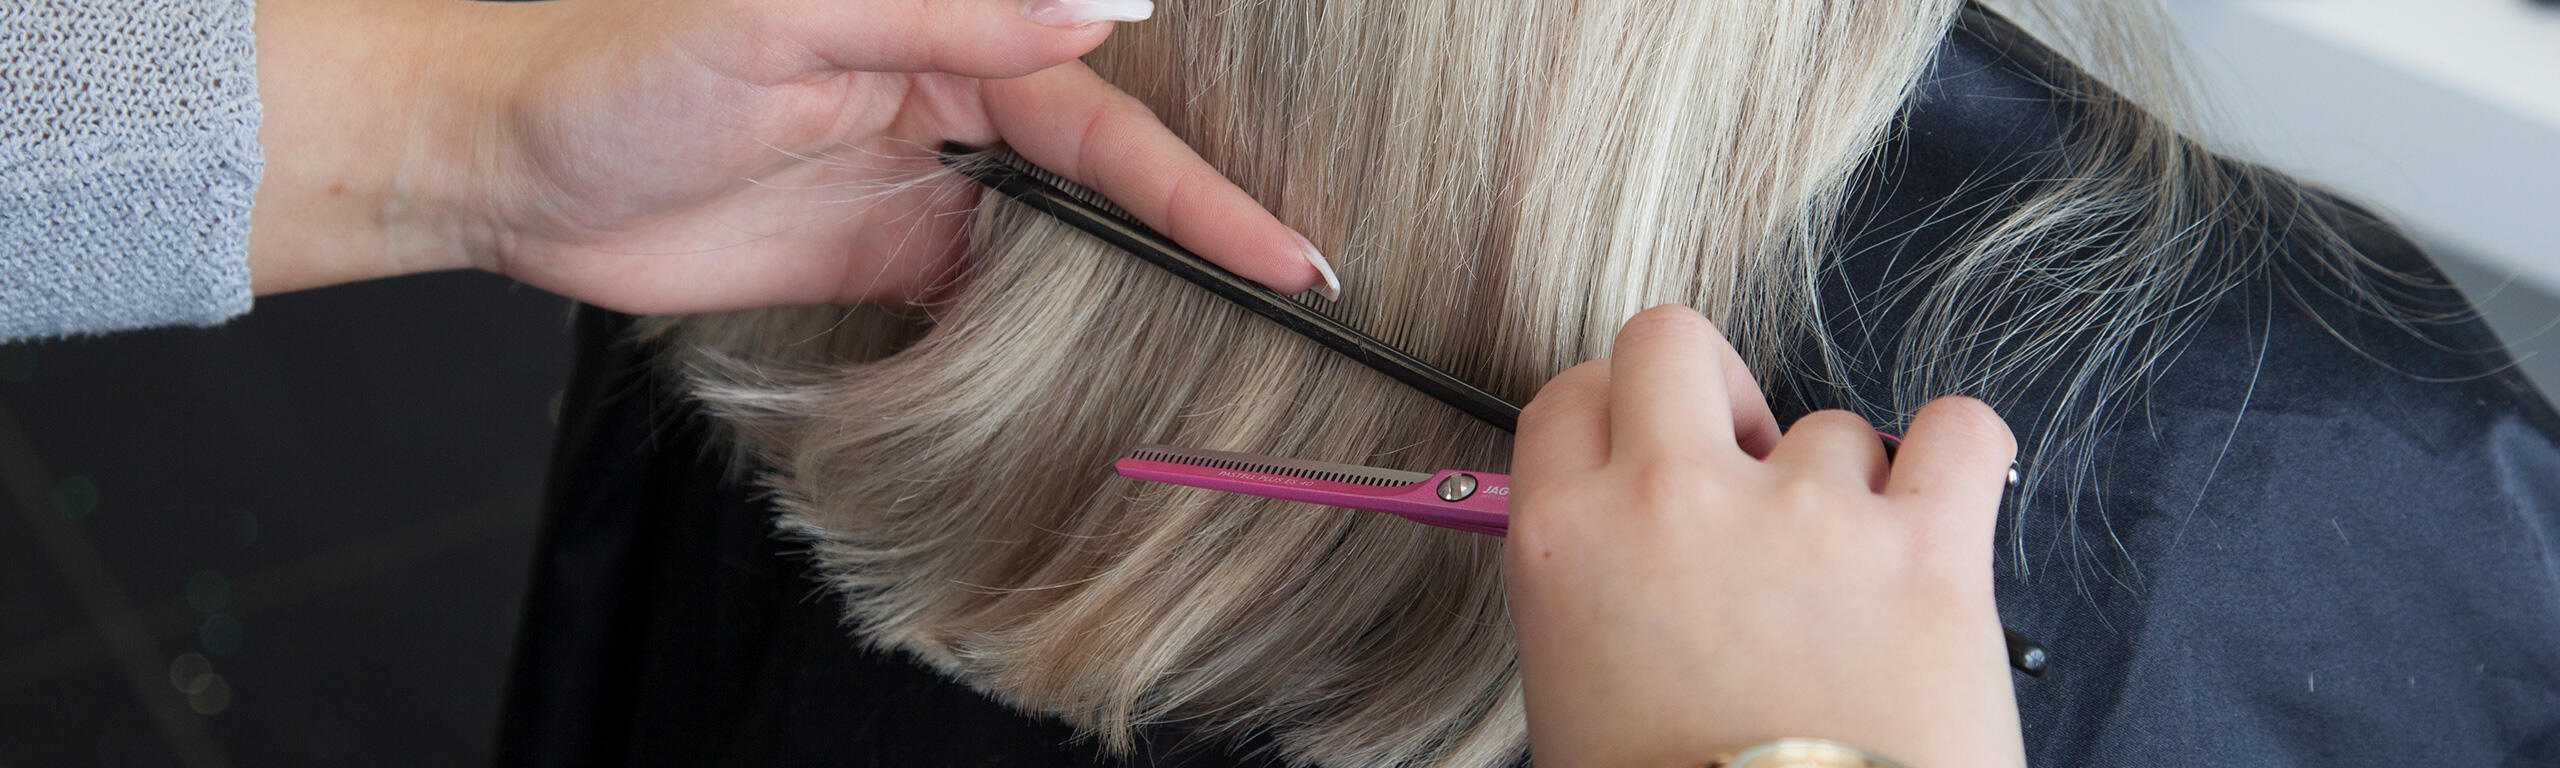 Haarverlangerung mit nahen